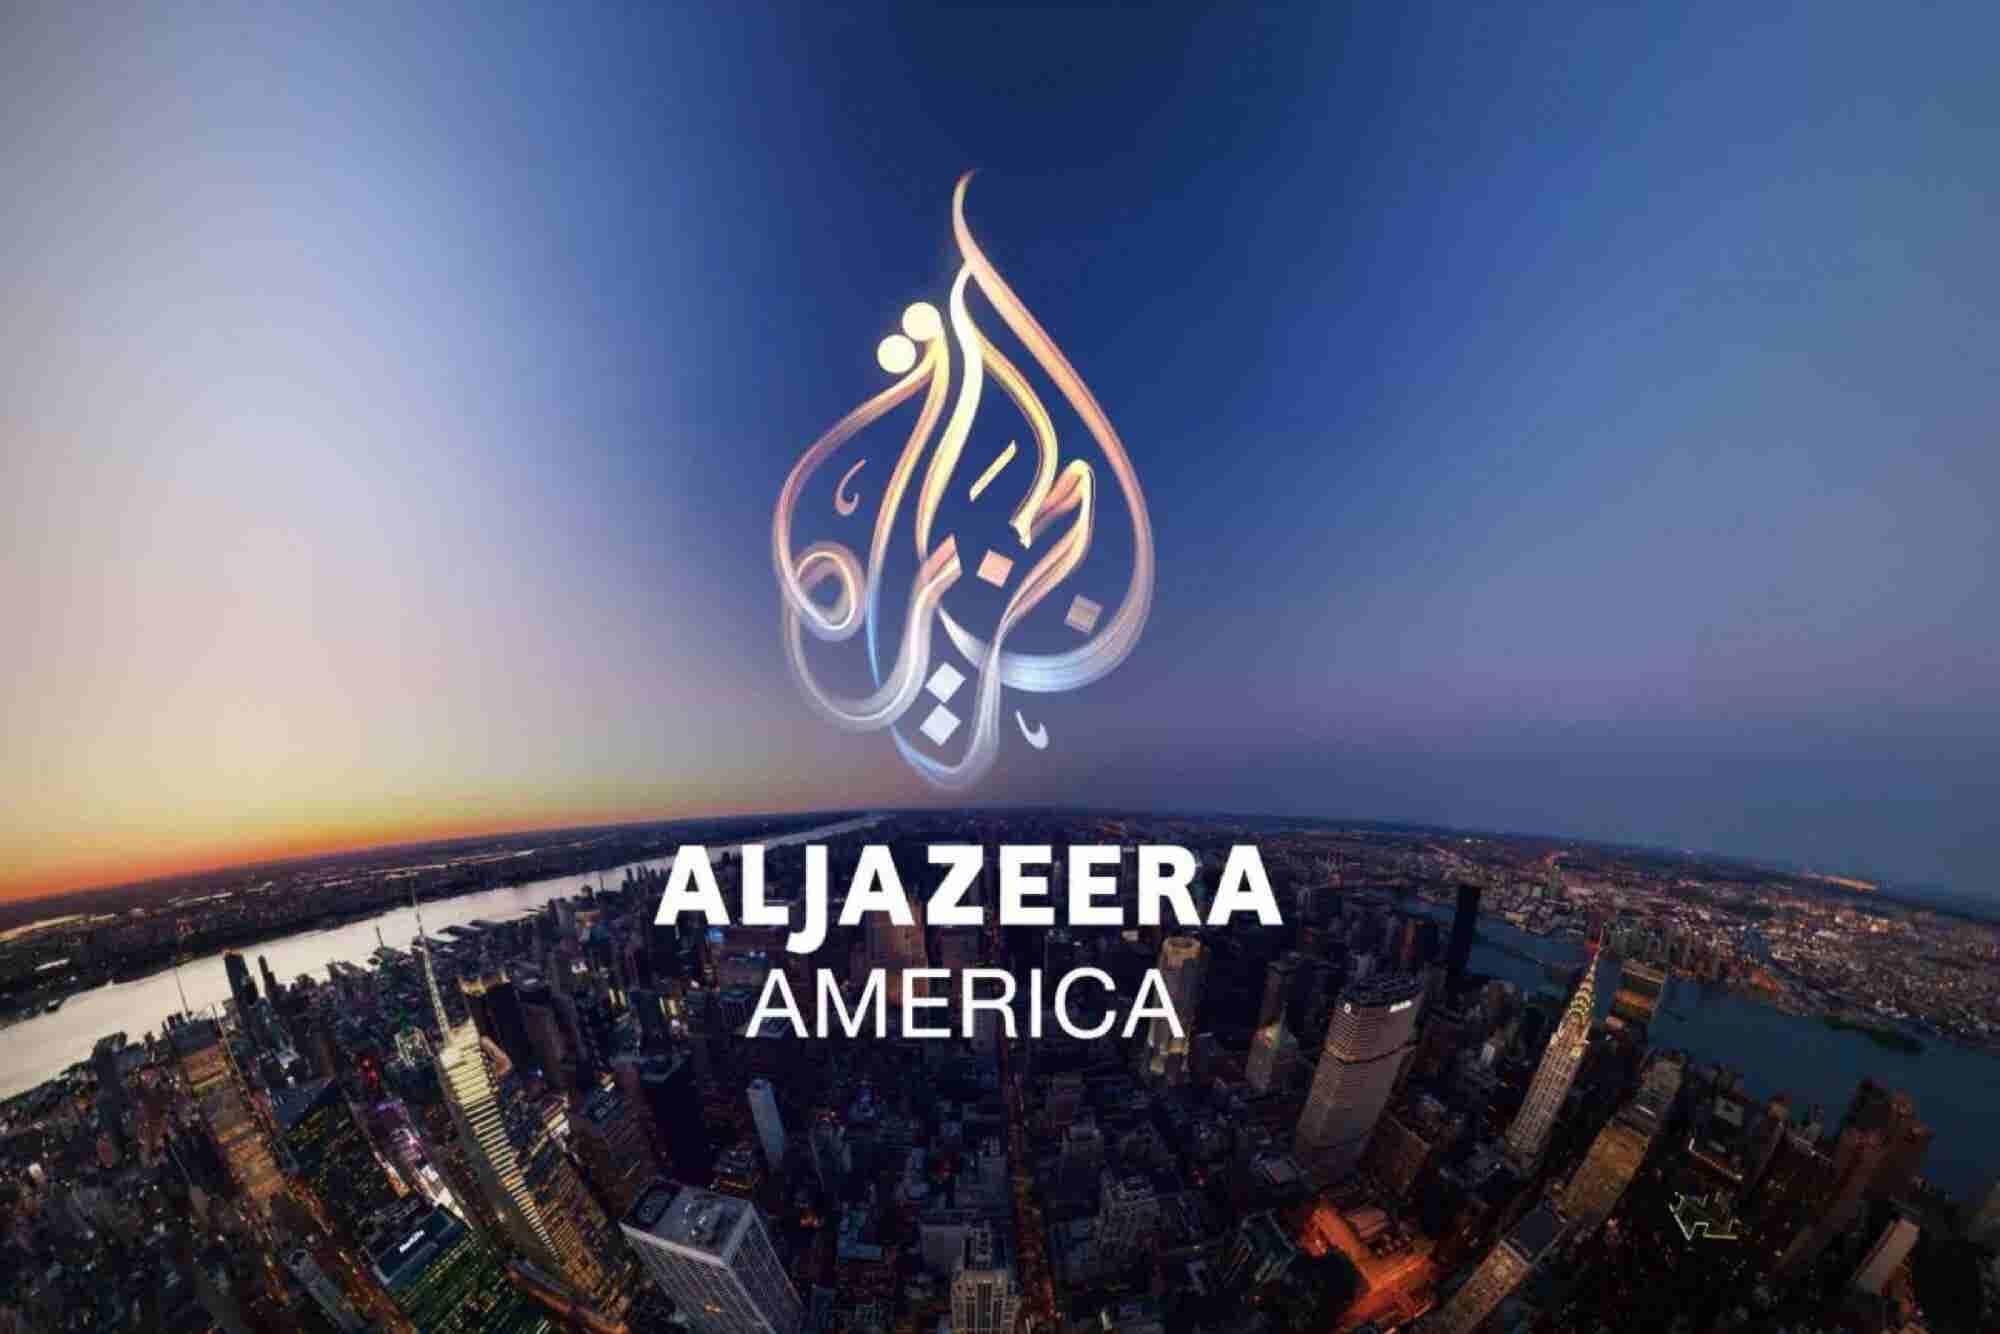 That's A Wrap: Al Jazeera America Calls It Quits